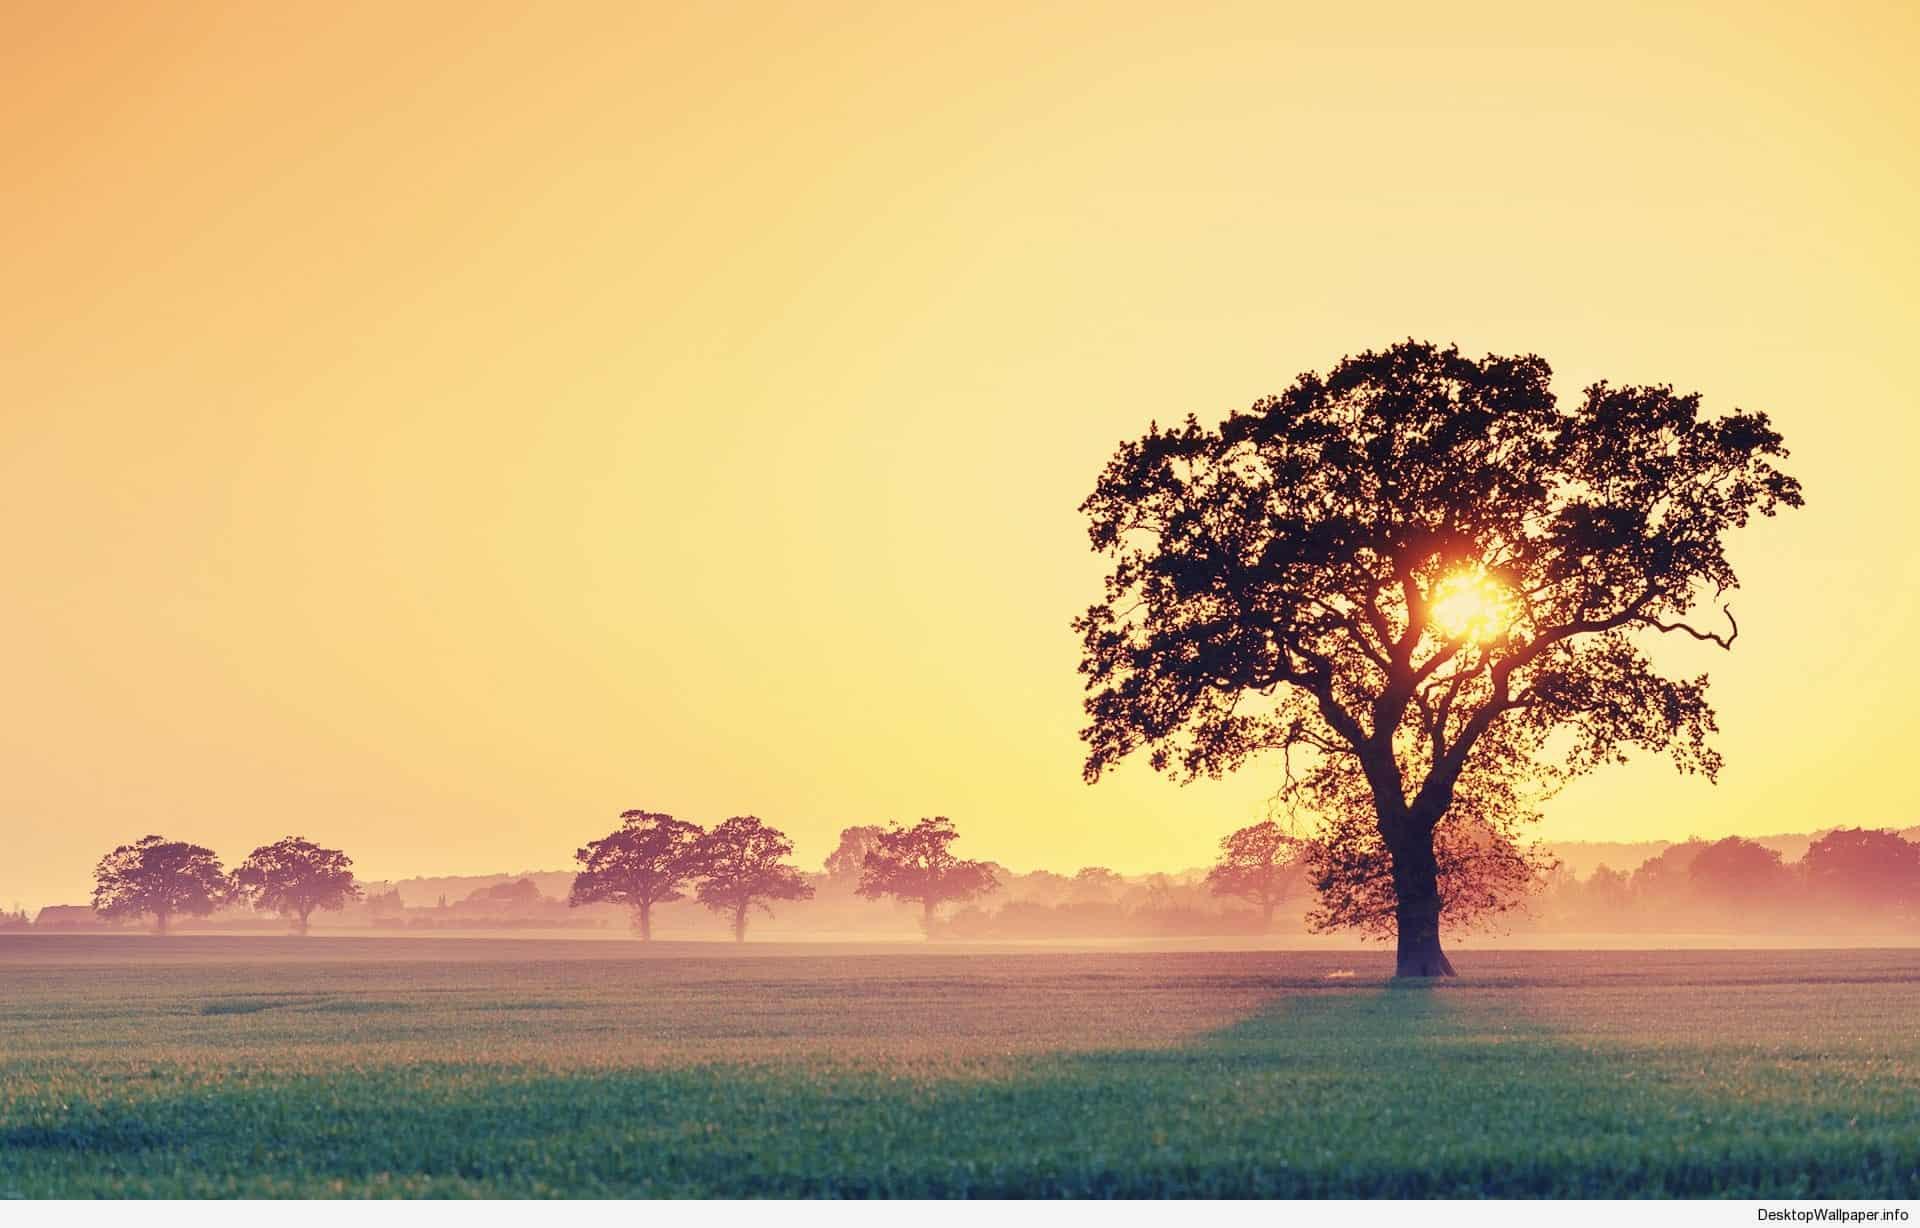 windows 10 wallpaper hd 3d for desktop,natural landscape,sky,nature,tree,morning